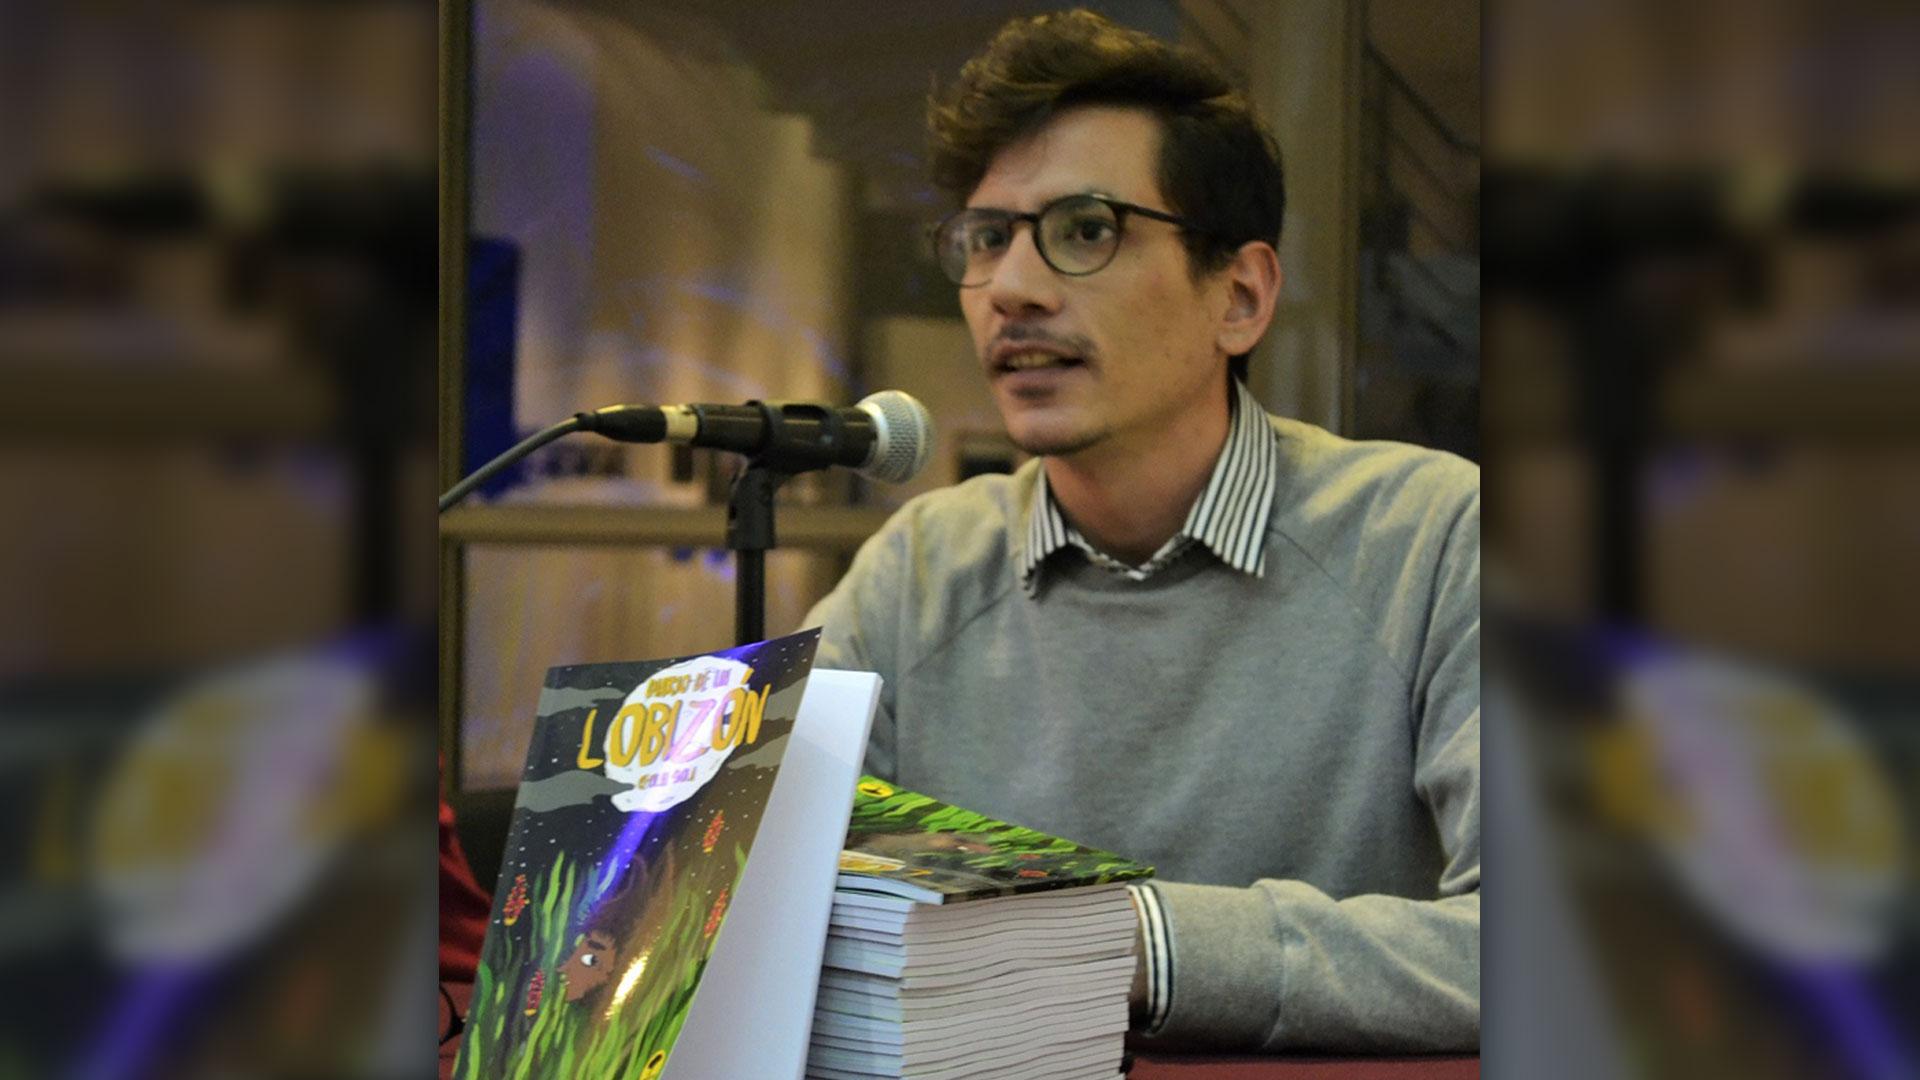 Solá es un activo militante por la igualdad de derechos de las personas sin distinción de su orientación sexual